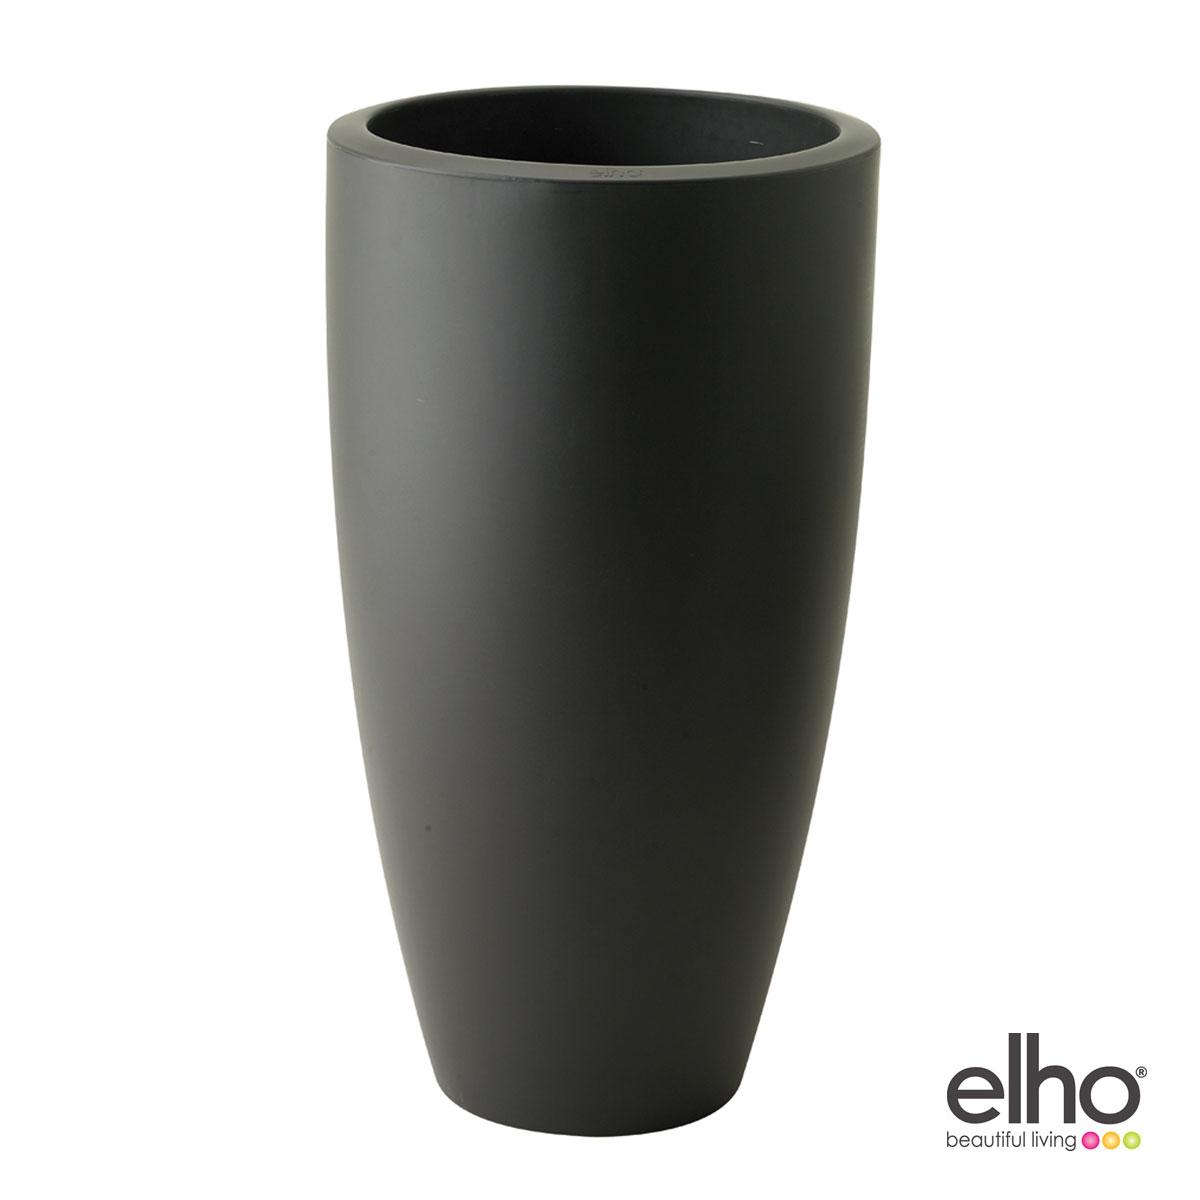 Pot De Fleur Haut Pas Cher elho pure soft round high 35 - pot de fleurs rond haut Ø35 x 62 cm